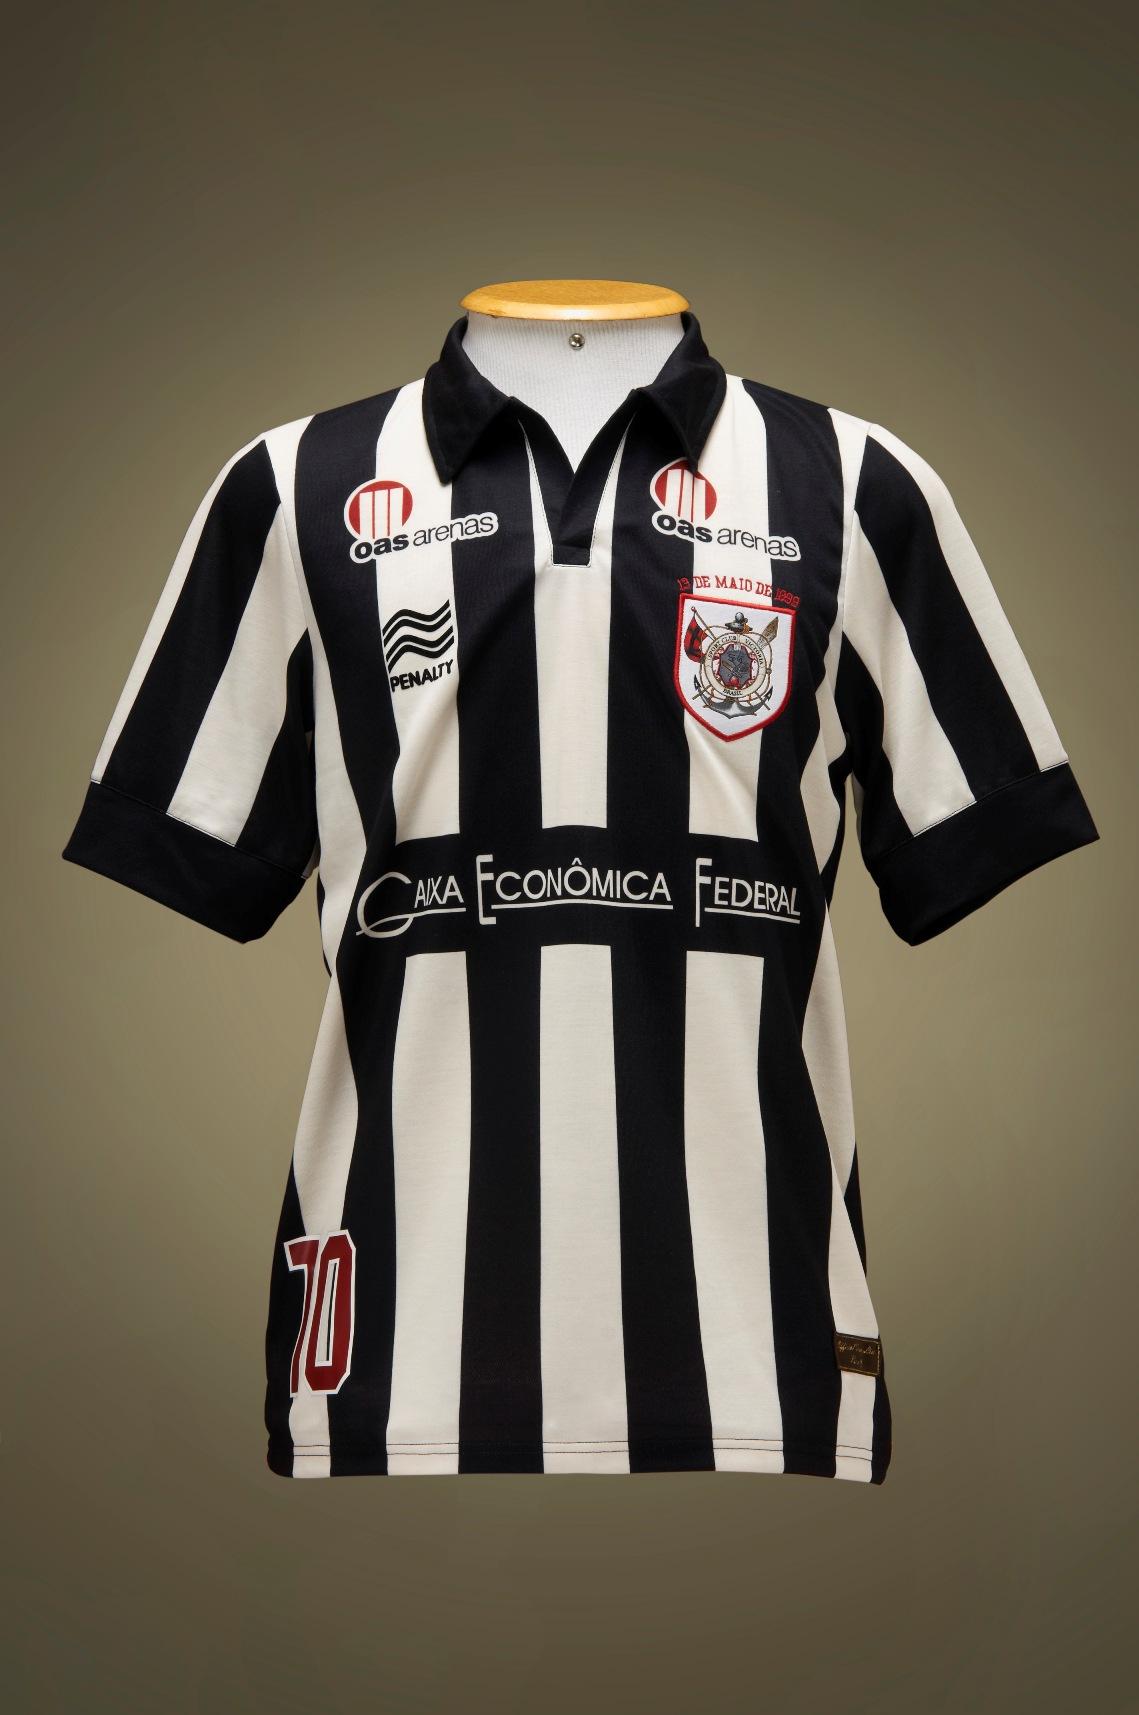 e6b43bef1f Terceiro uniforme do Vitória – Fut Pop Clube